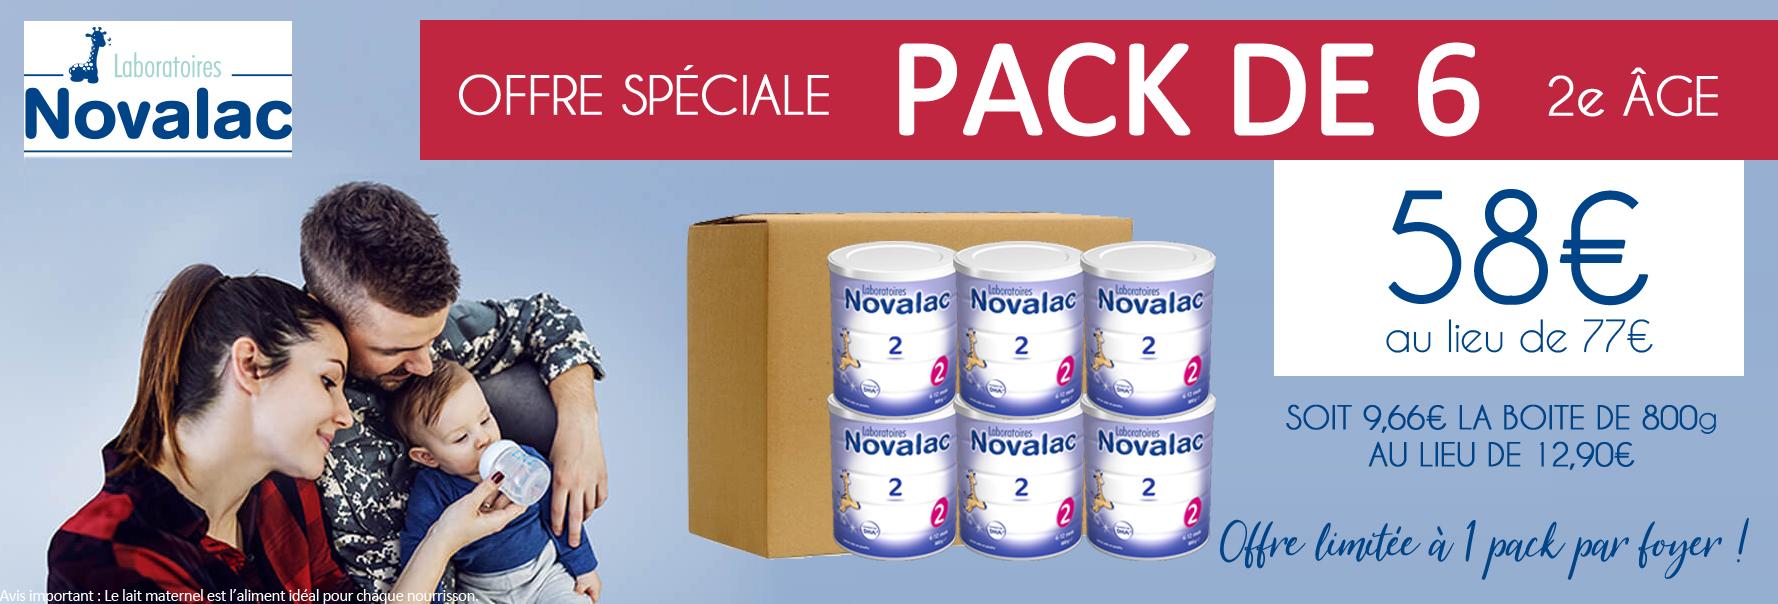 Novalac 2 pack de 6